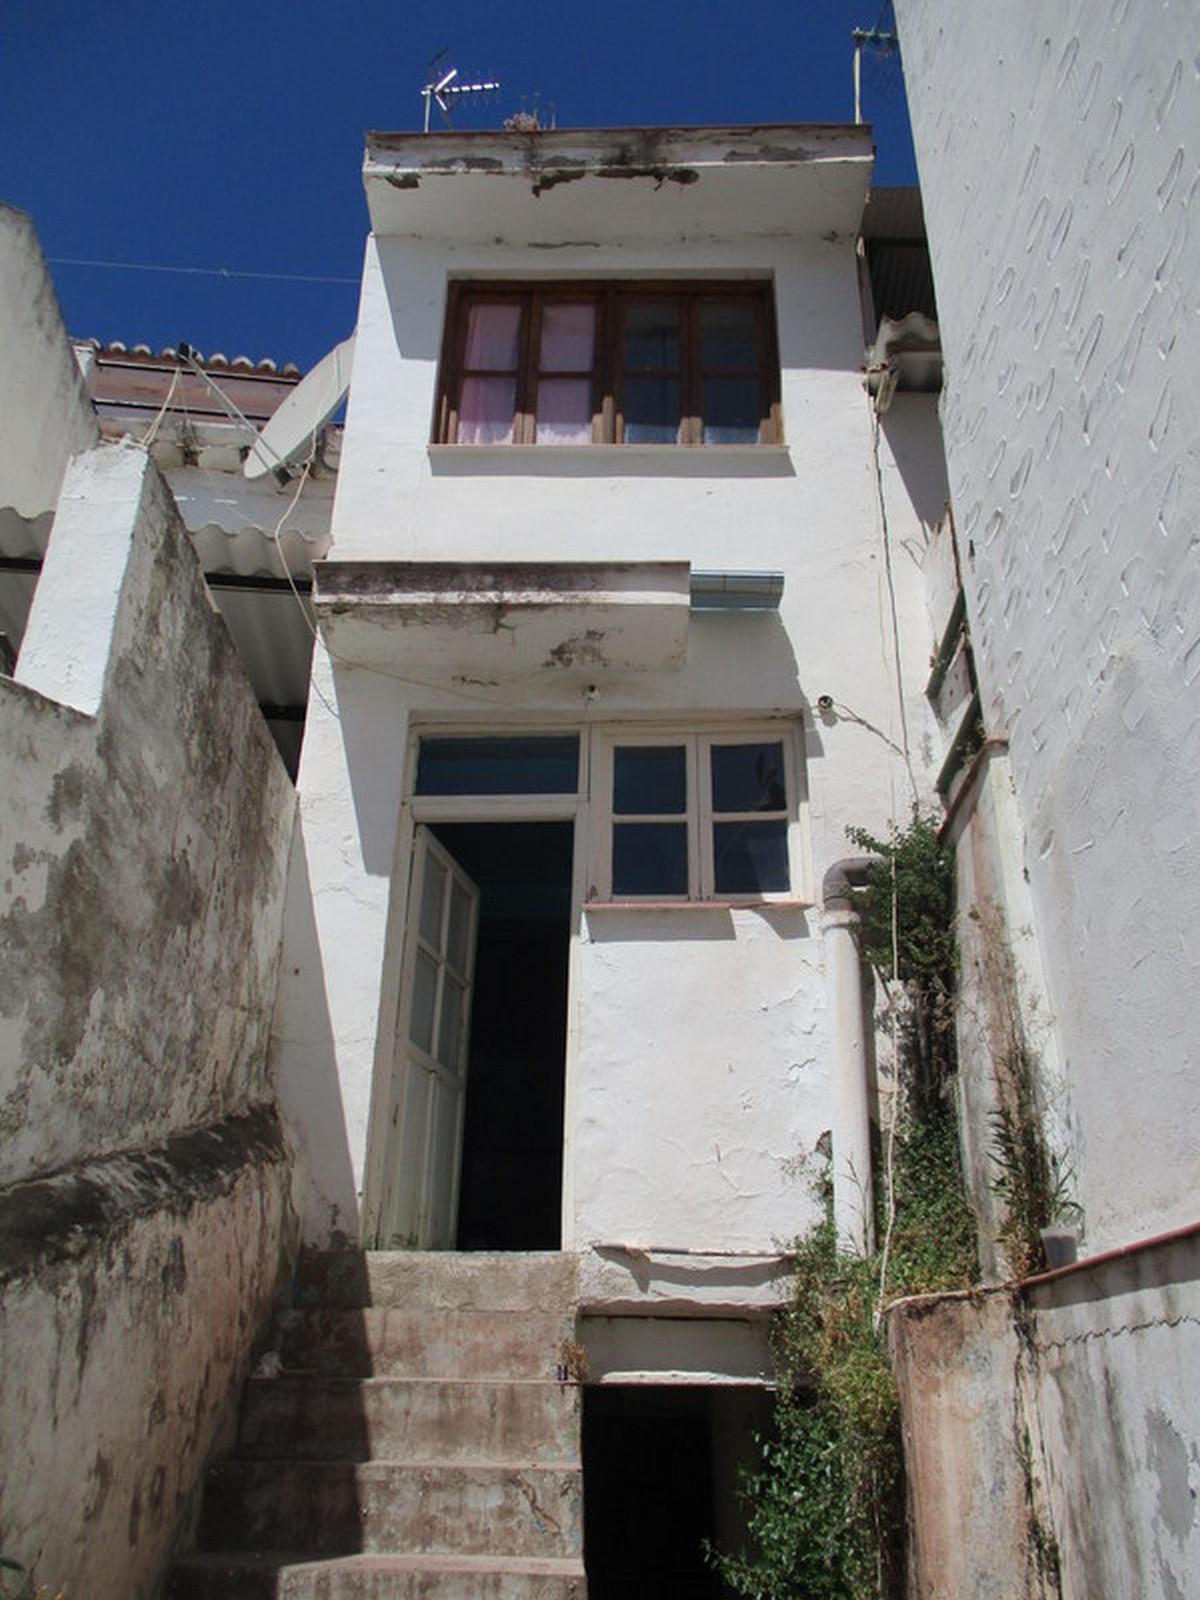 Maison mitoyenne en vente à Alora - Costa del Sol